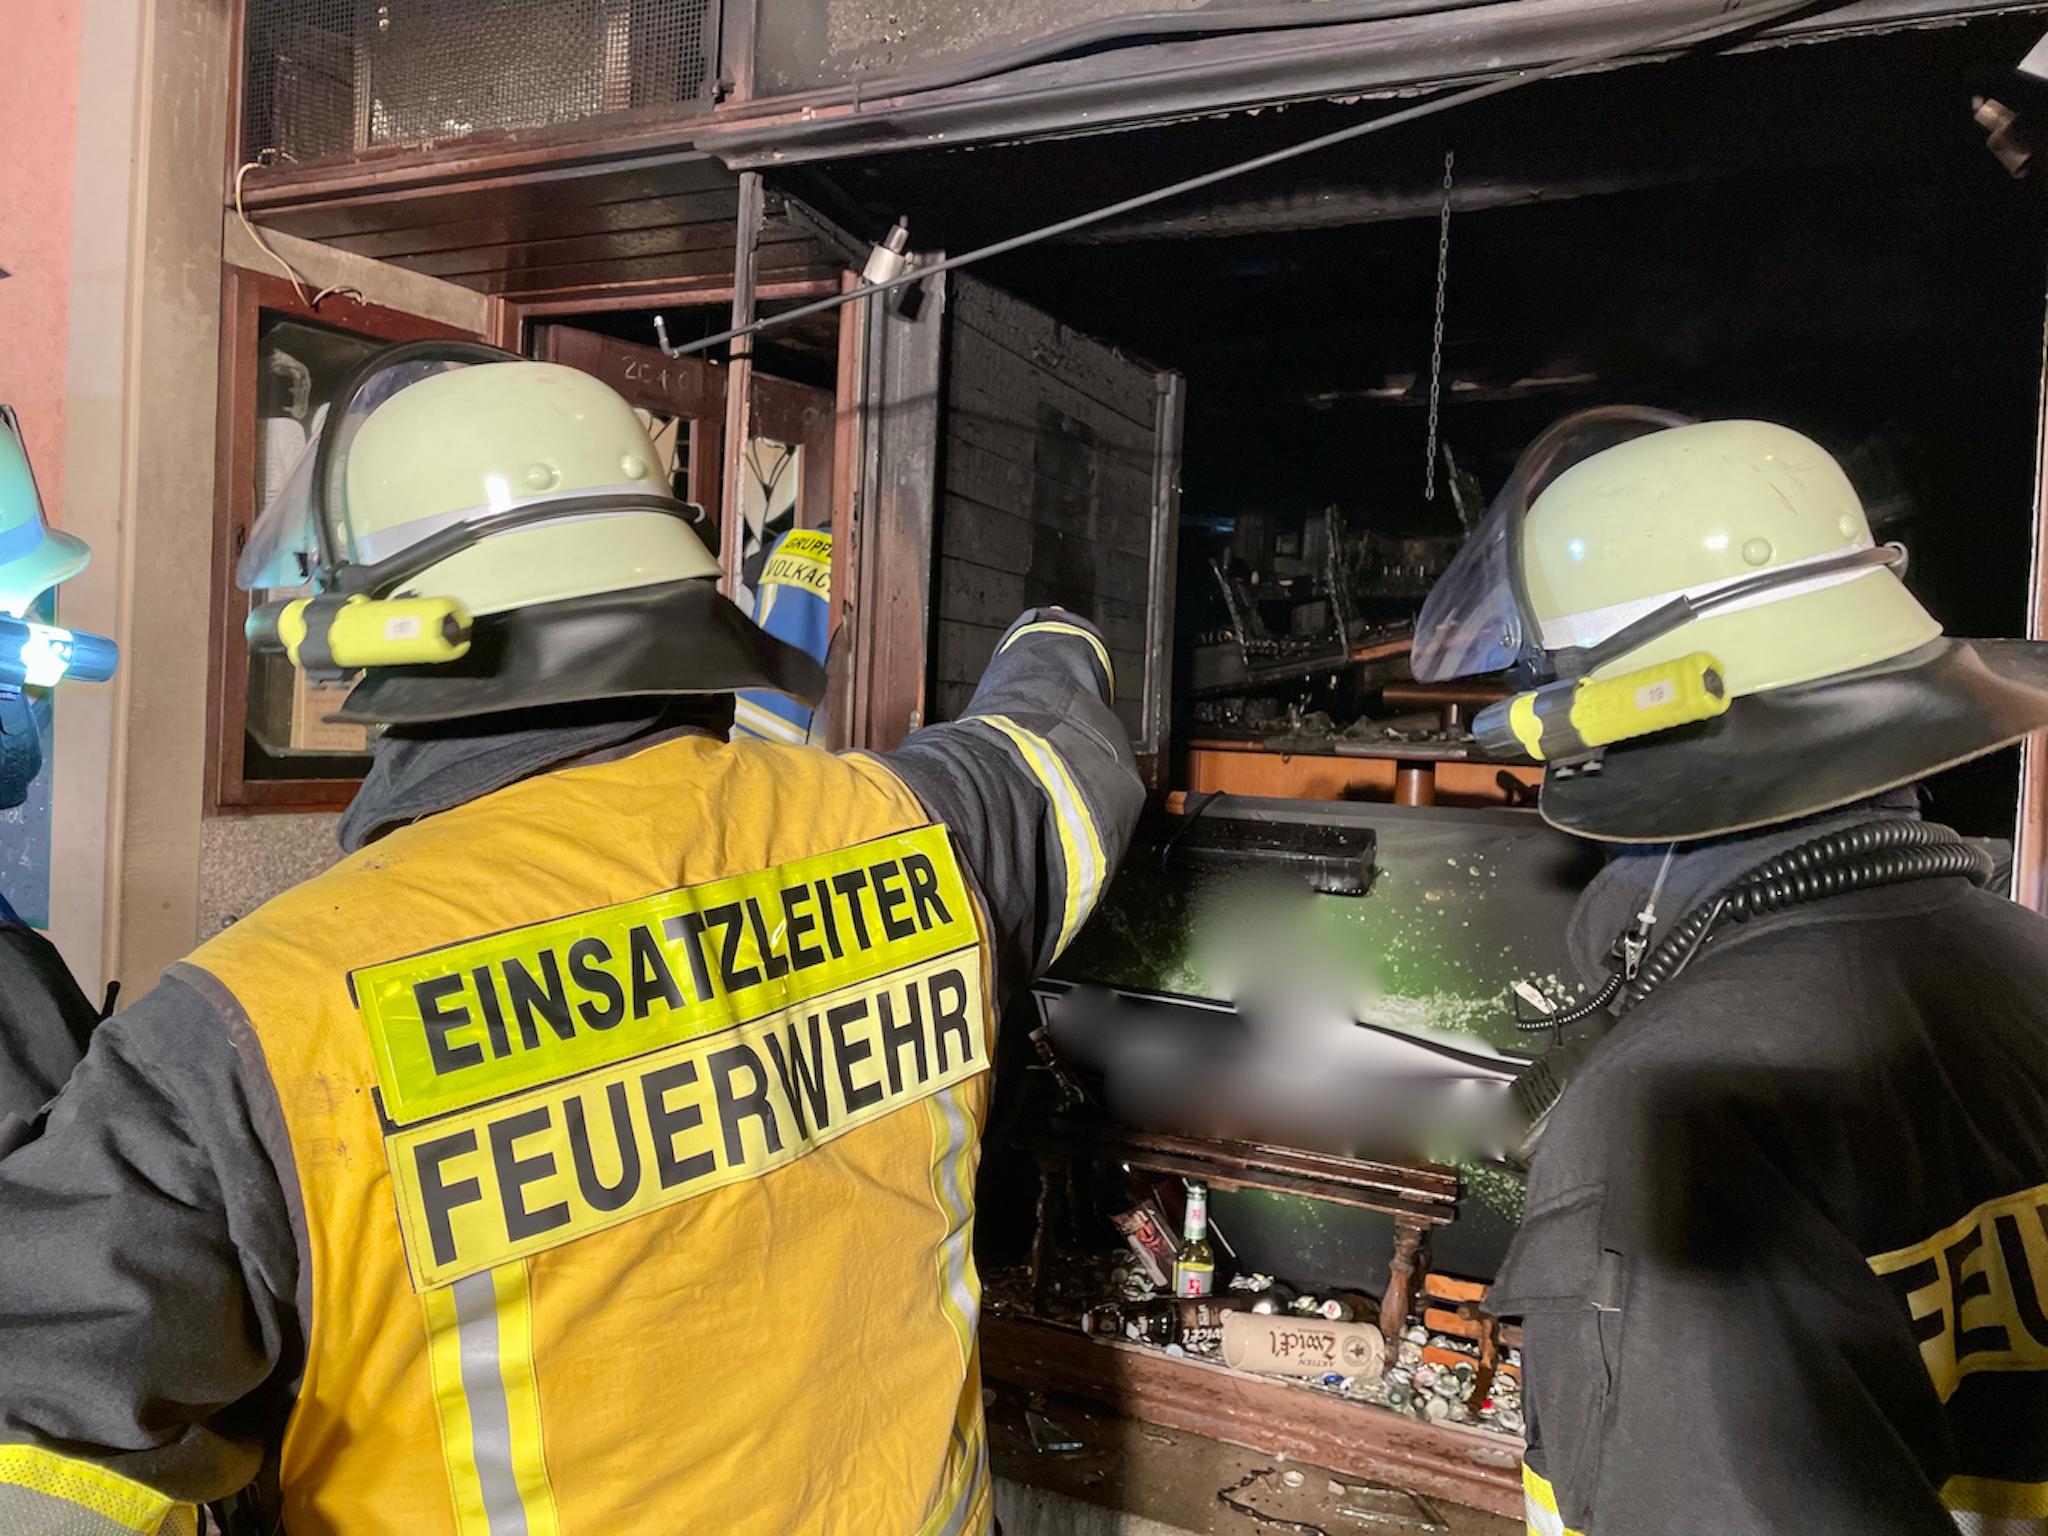 Die Feuerwehr im Einsatz bei einem Brand in einer Volkacher Kneipe. Foto: Moritz Hornung, Feuerwehr Volkach